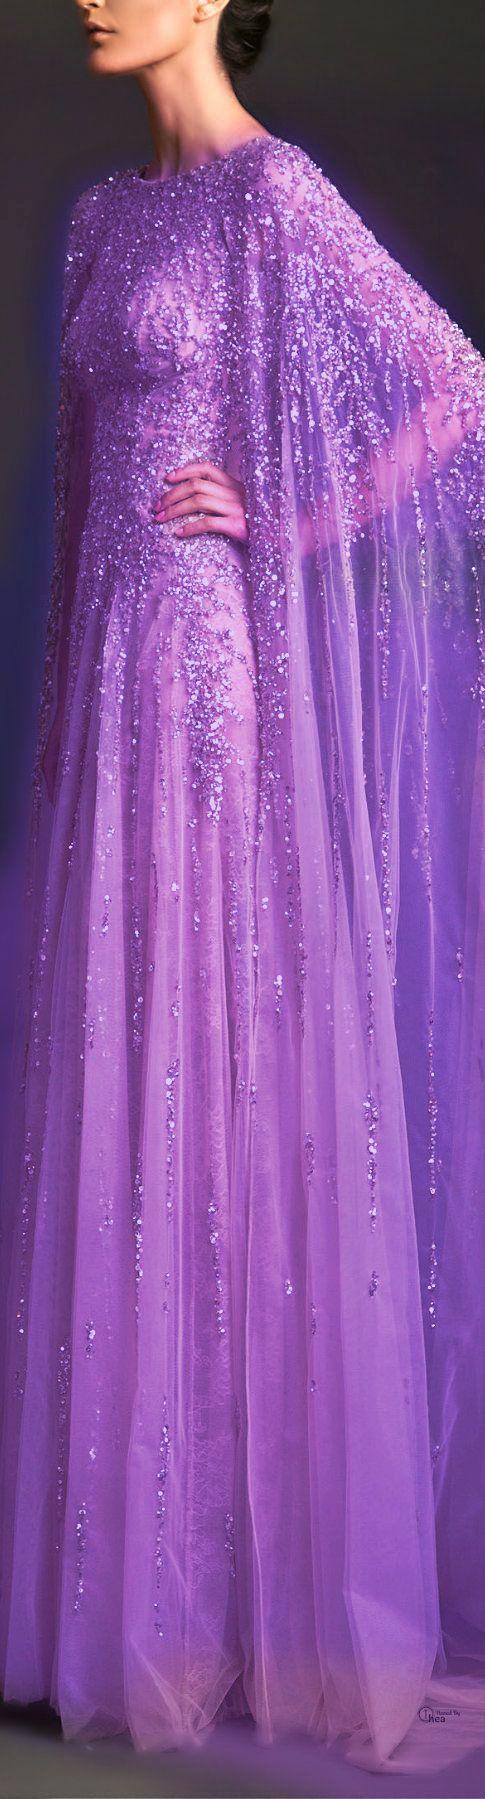 jaglady   Beautiful   Pinterest   Lilas, Vestidos de fiesta y Vestiditos